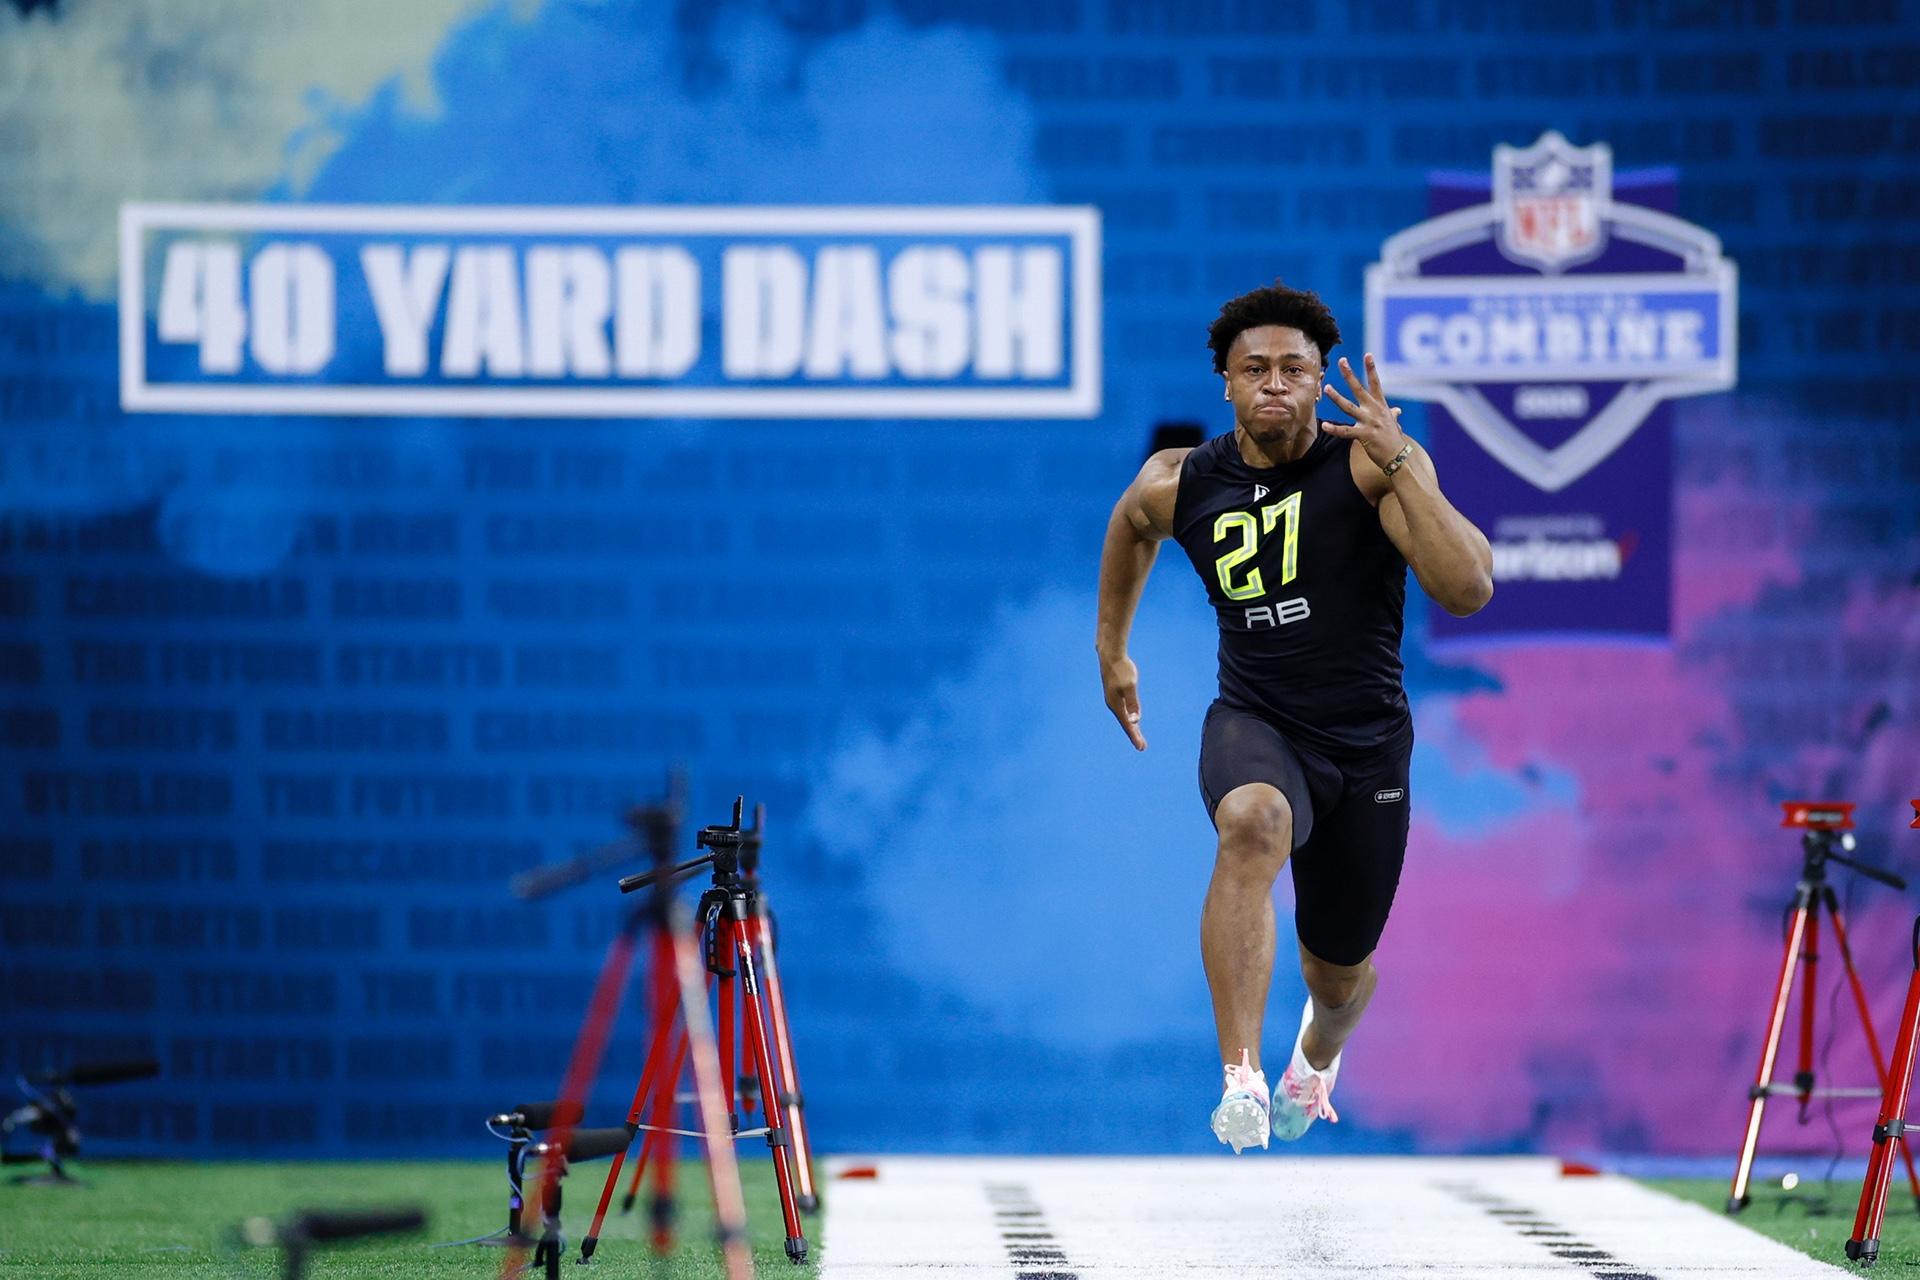 NFL Combine: Jonathan Taylor de Wisconsin muestra por qué es material de primera ronda 4